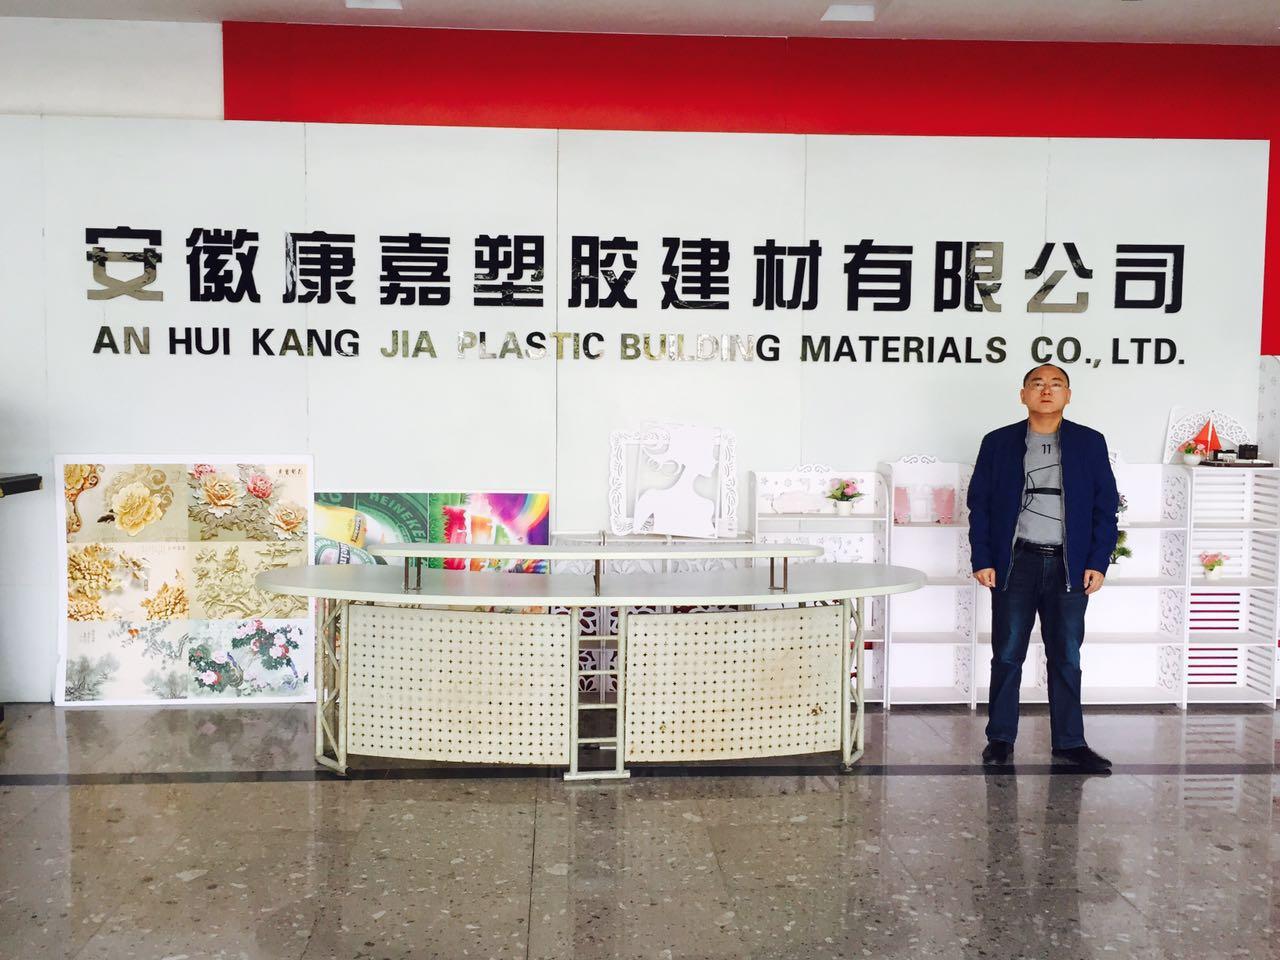 安徽康嘉塑胶建材有限公司